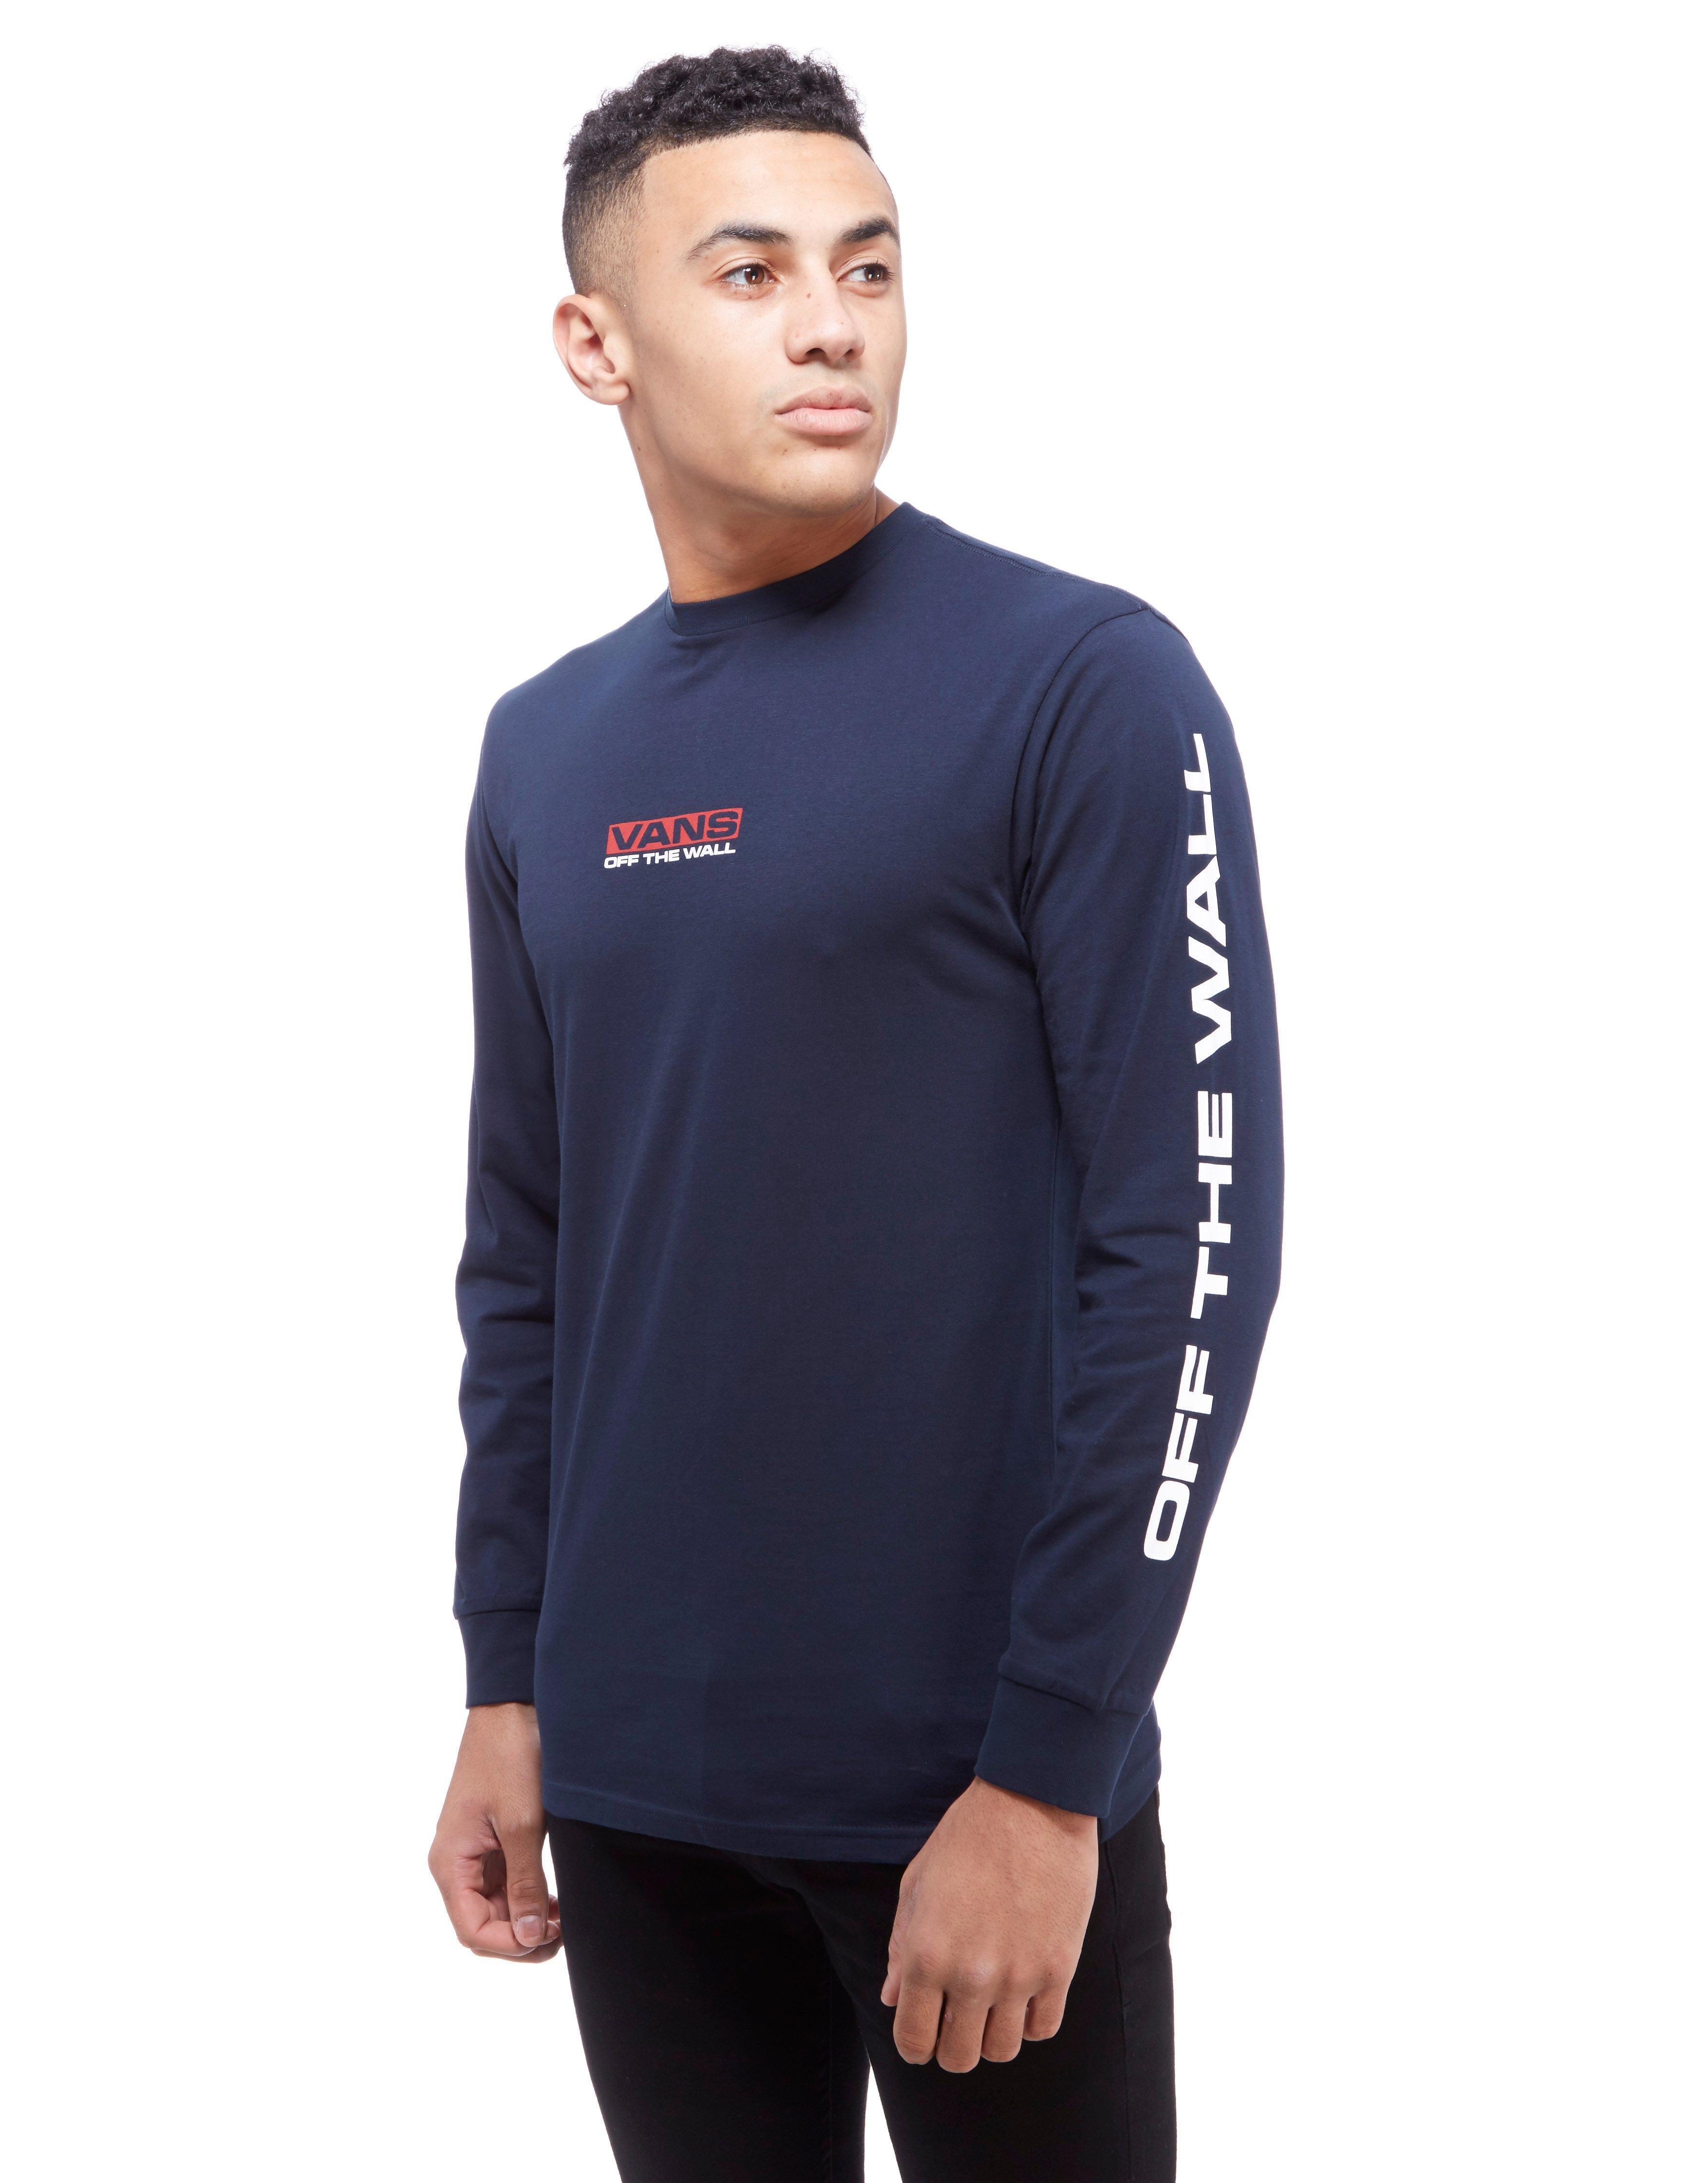 f309fc5723 Lyst - Vans Side Waze Long Sleeve T-shirt in Blue for Men